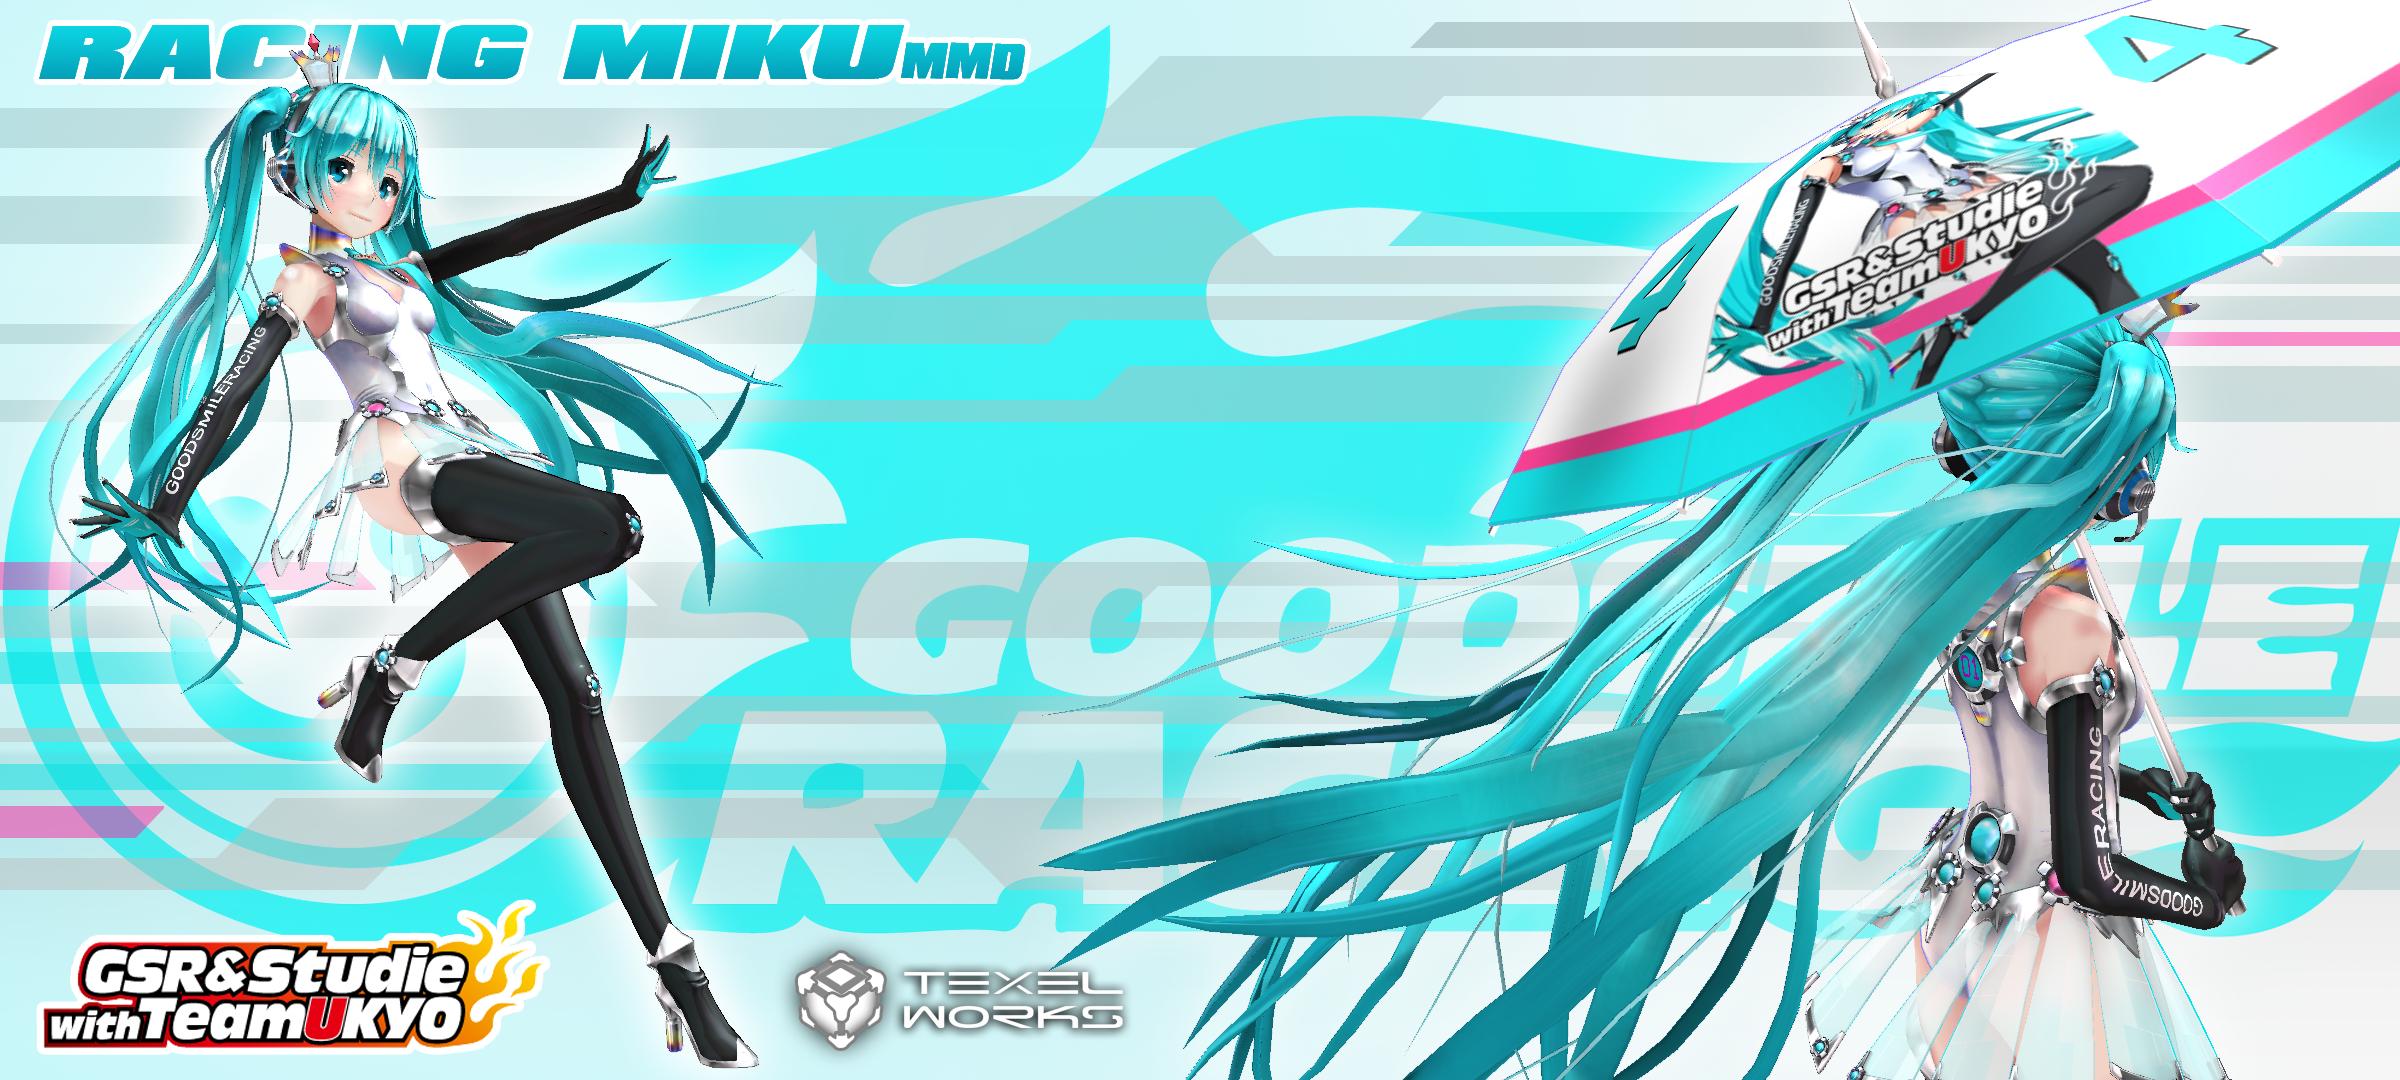 2013 Racing Miku MMD Digitrevx by Digitrevx